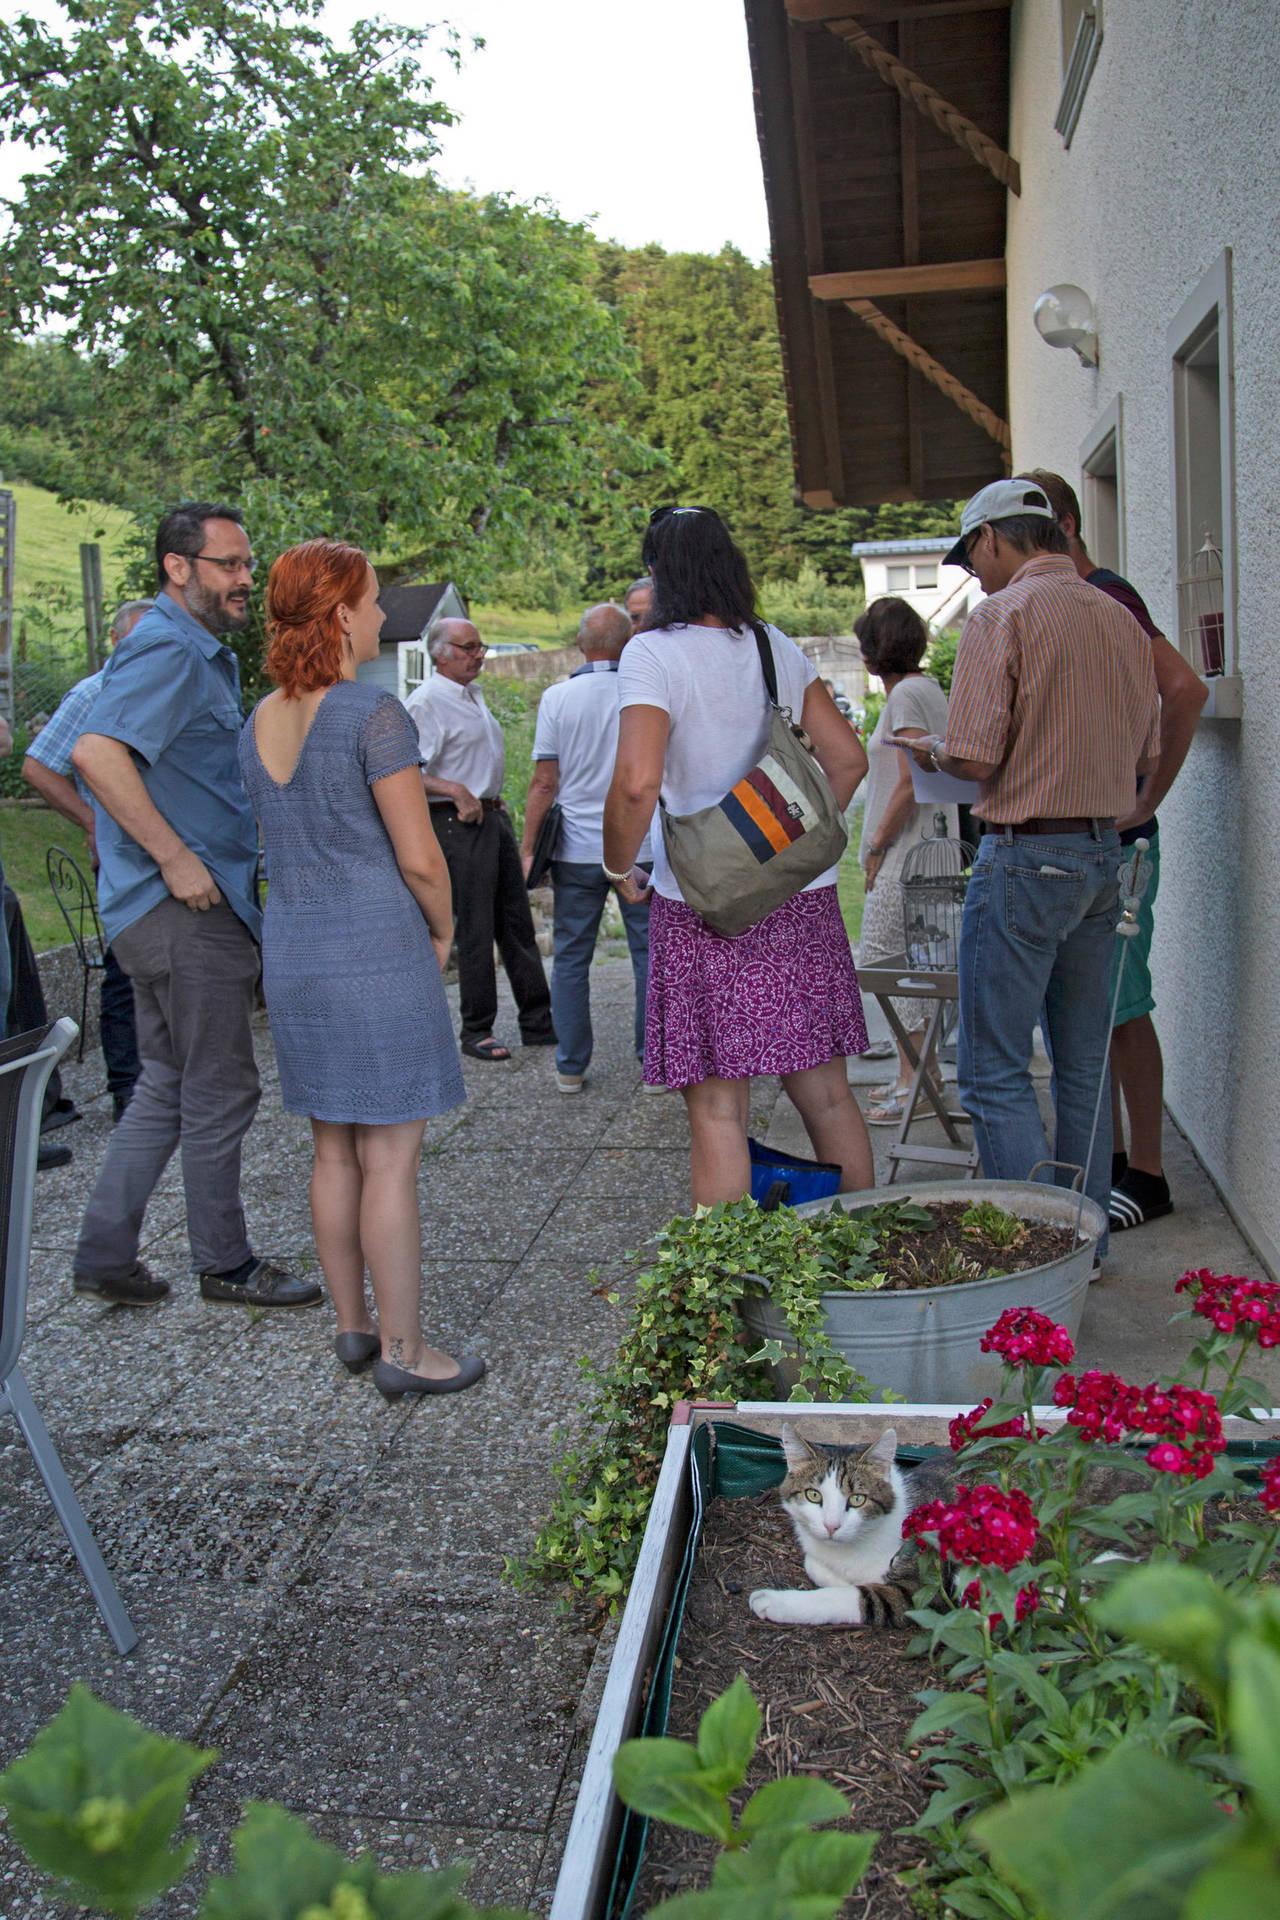 Antes del comienzo de la asamblea los vecinos tienen tiempo para charlar un poco. La anfitriona, junto al macizo de flores, se lo toma con calma.